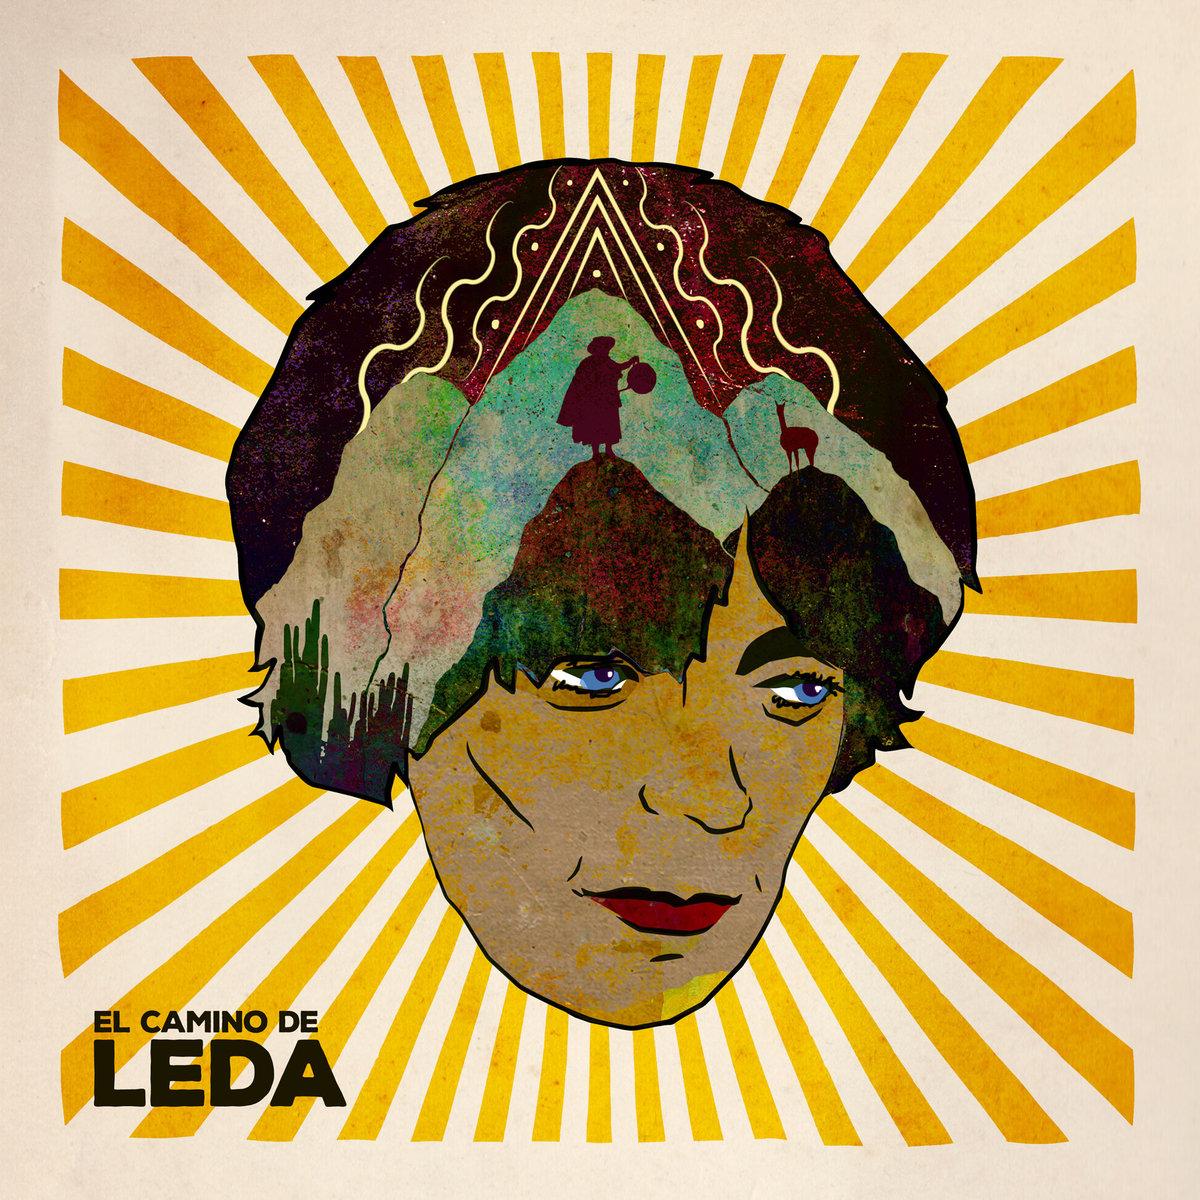 Varios Artistas - El camino de Leda